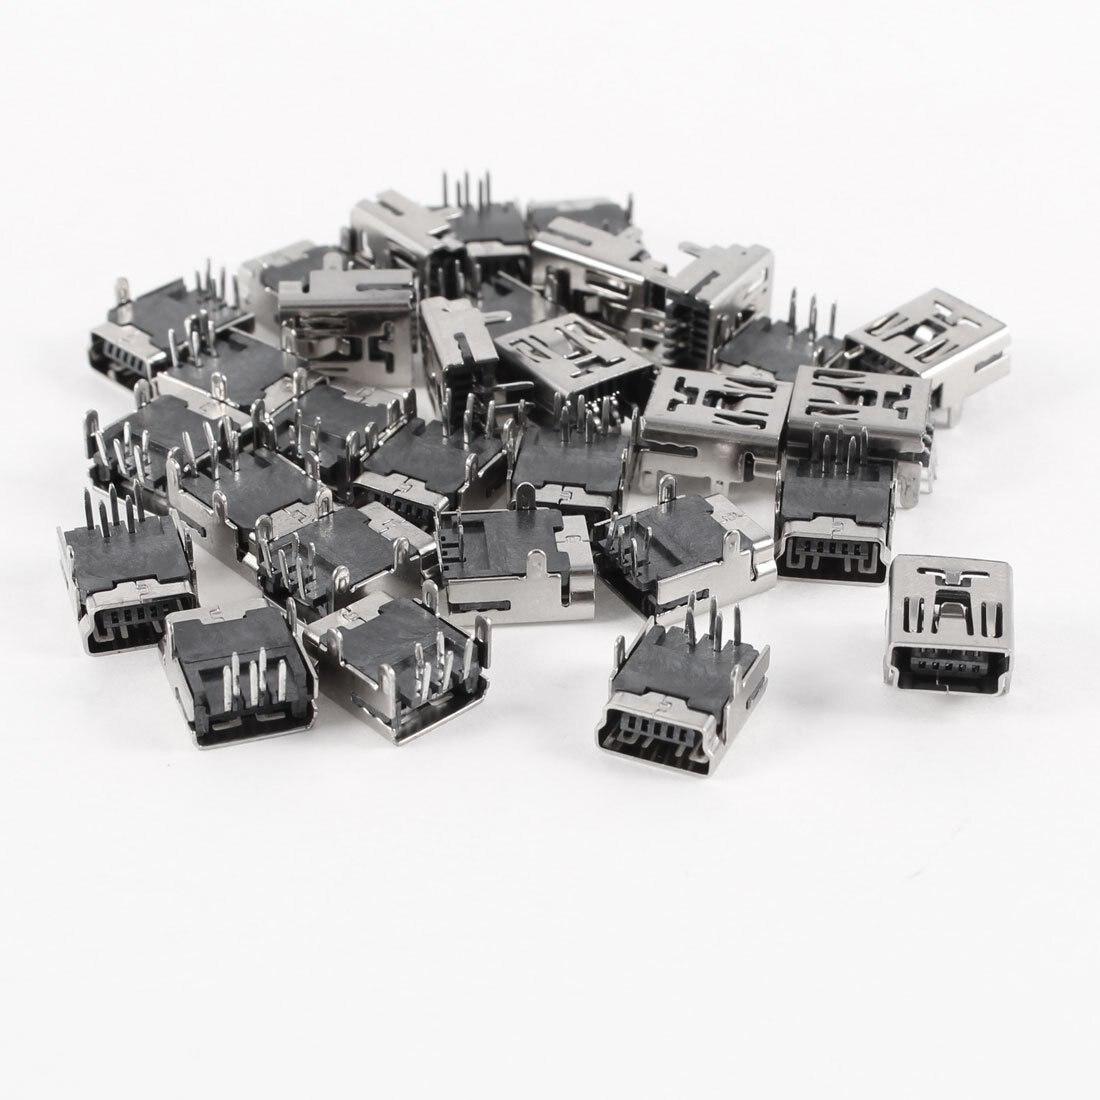 30 Pcs Mini USB Type B Female Socket 5-Pin Right Angle DIP Jack Connector